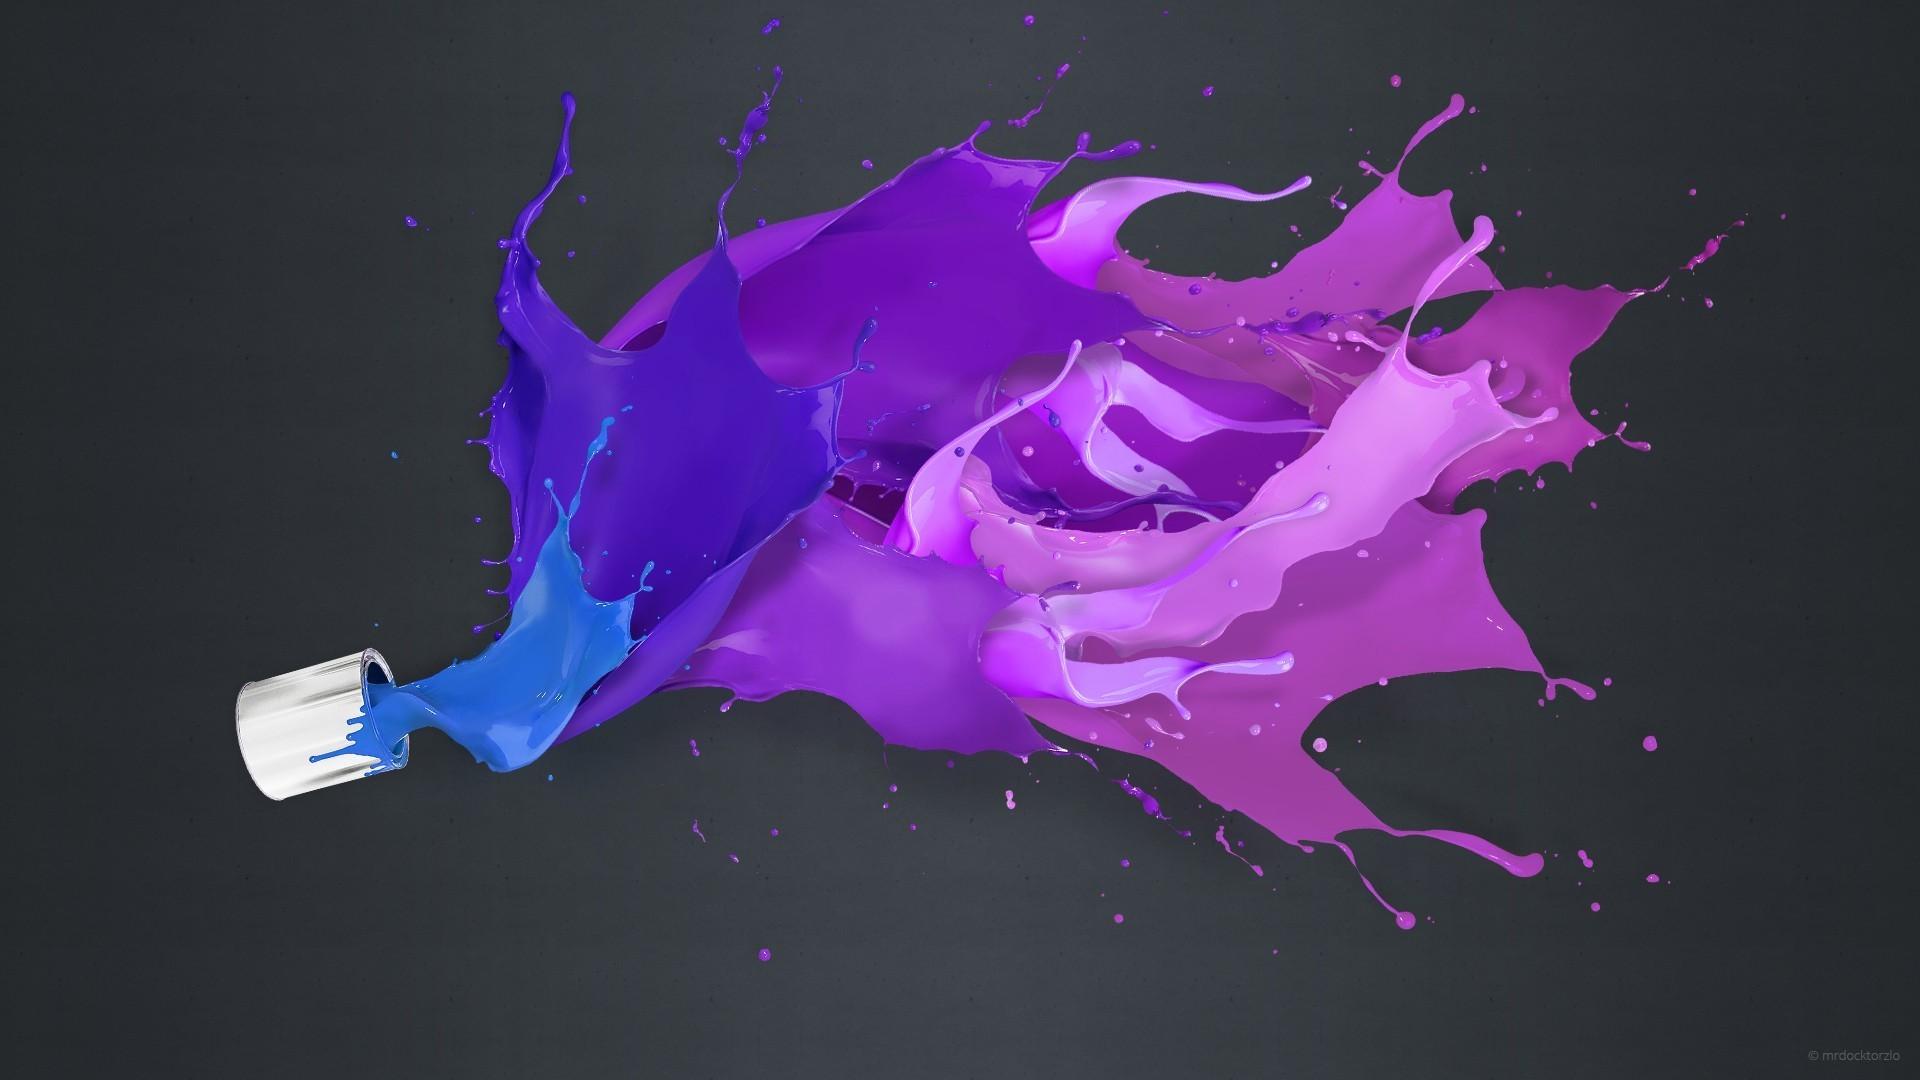 Res: 1920x1080, Paint color splash background wallpaper |  | 76611 | WallpaperUP